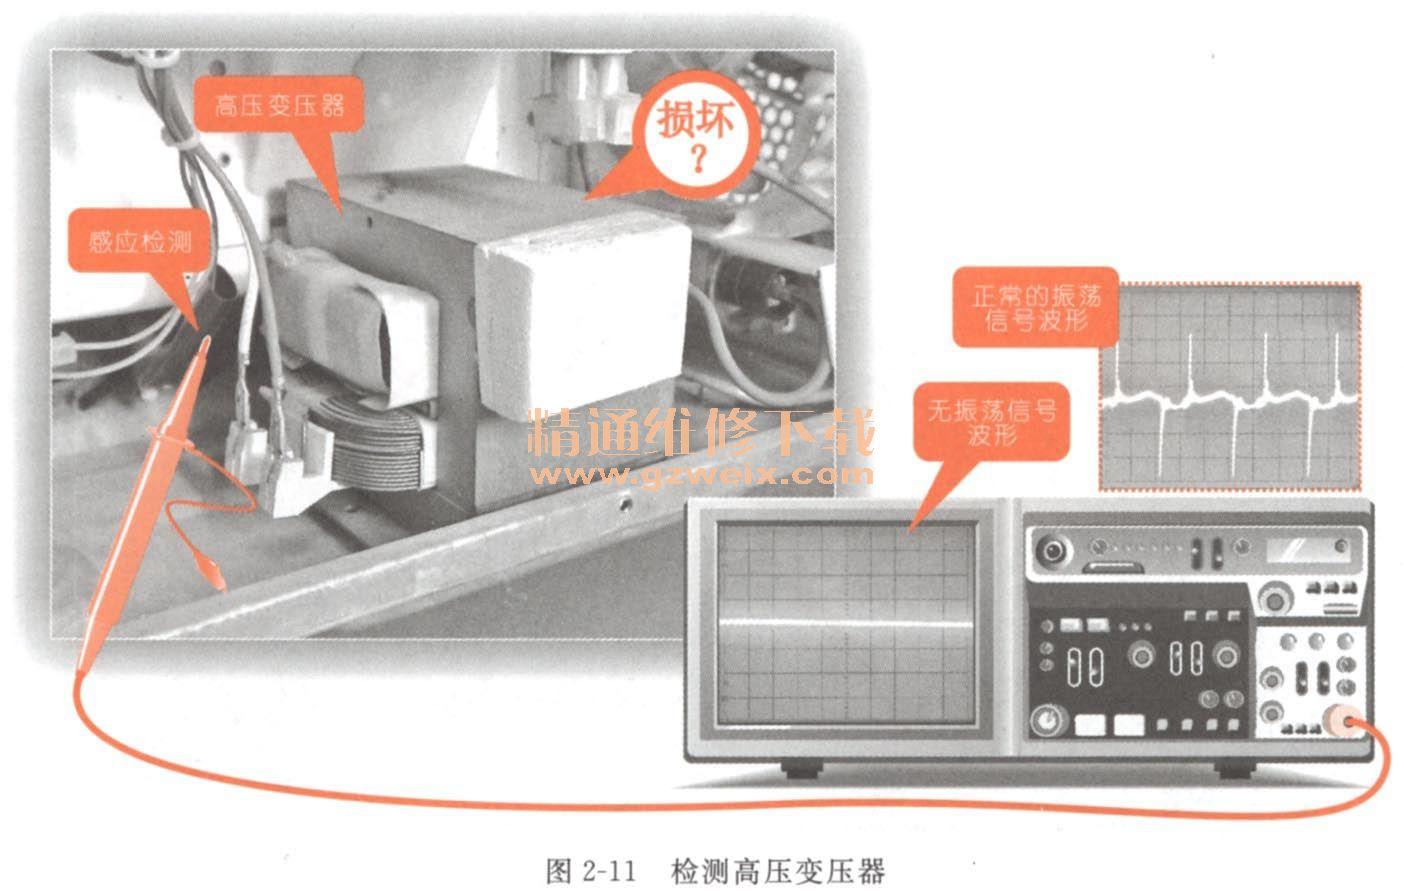 微波炉磁控管检测_看图学习微波炉故障维修 - 精通维修下载